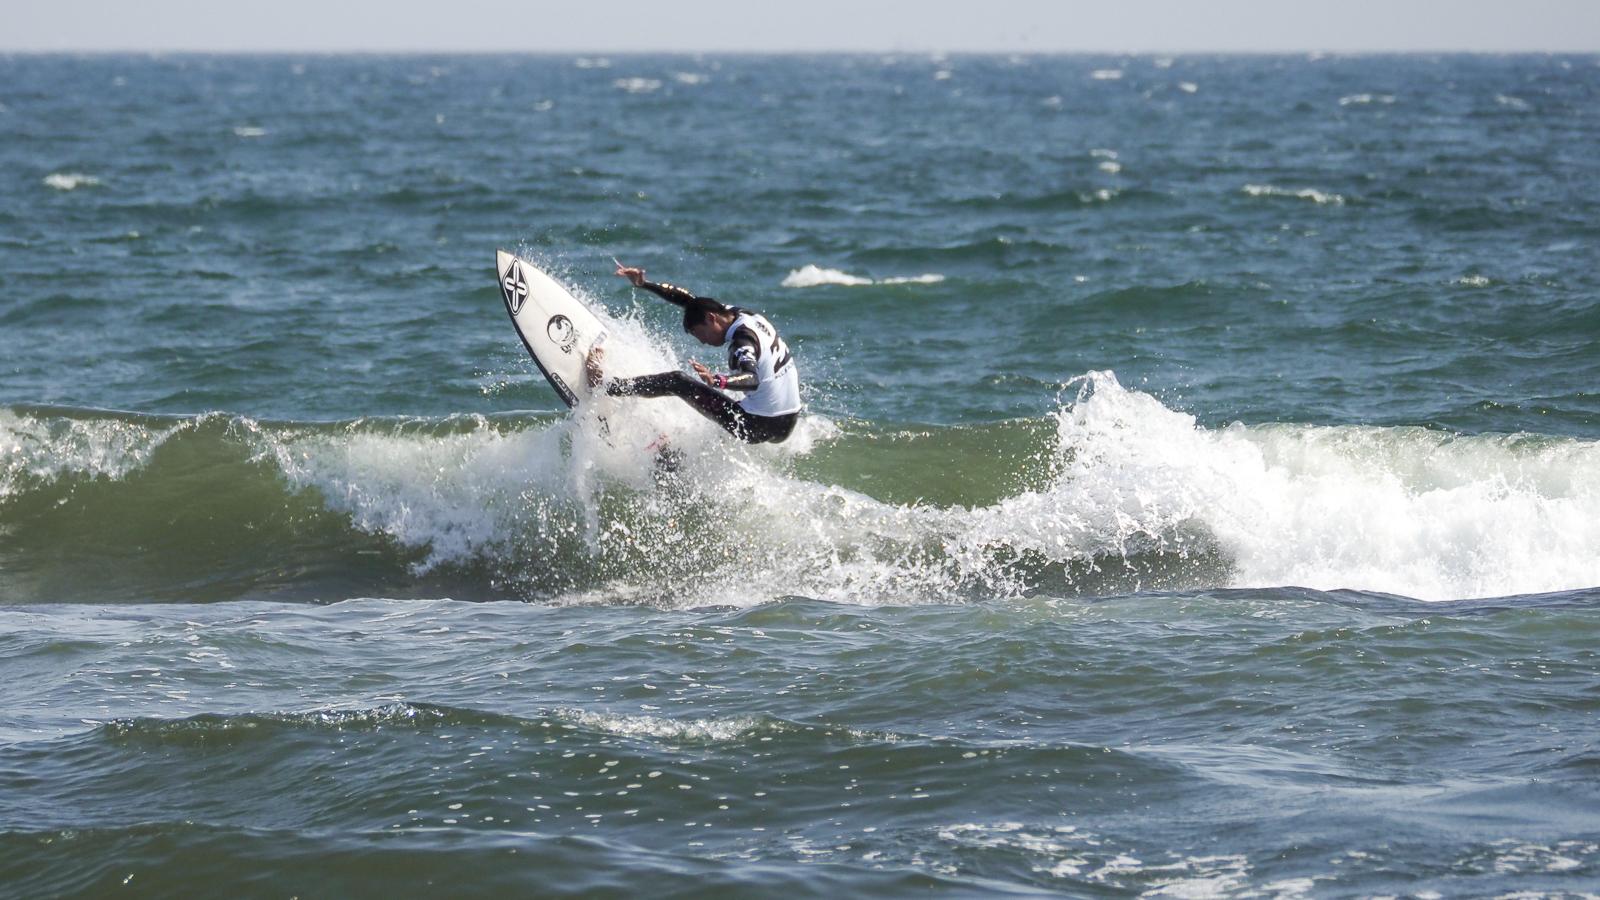 カデット4位の増田来希もラディカルに波を攻めた。